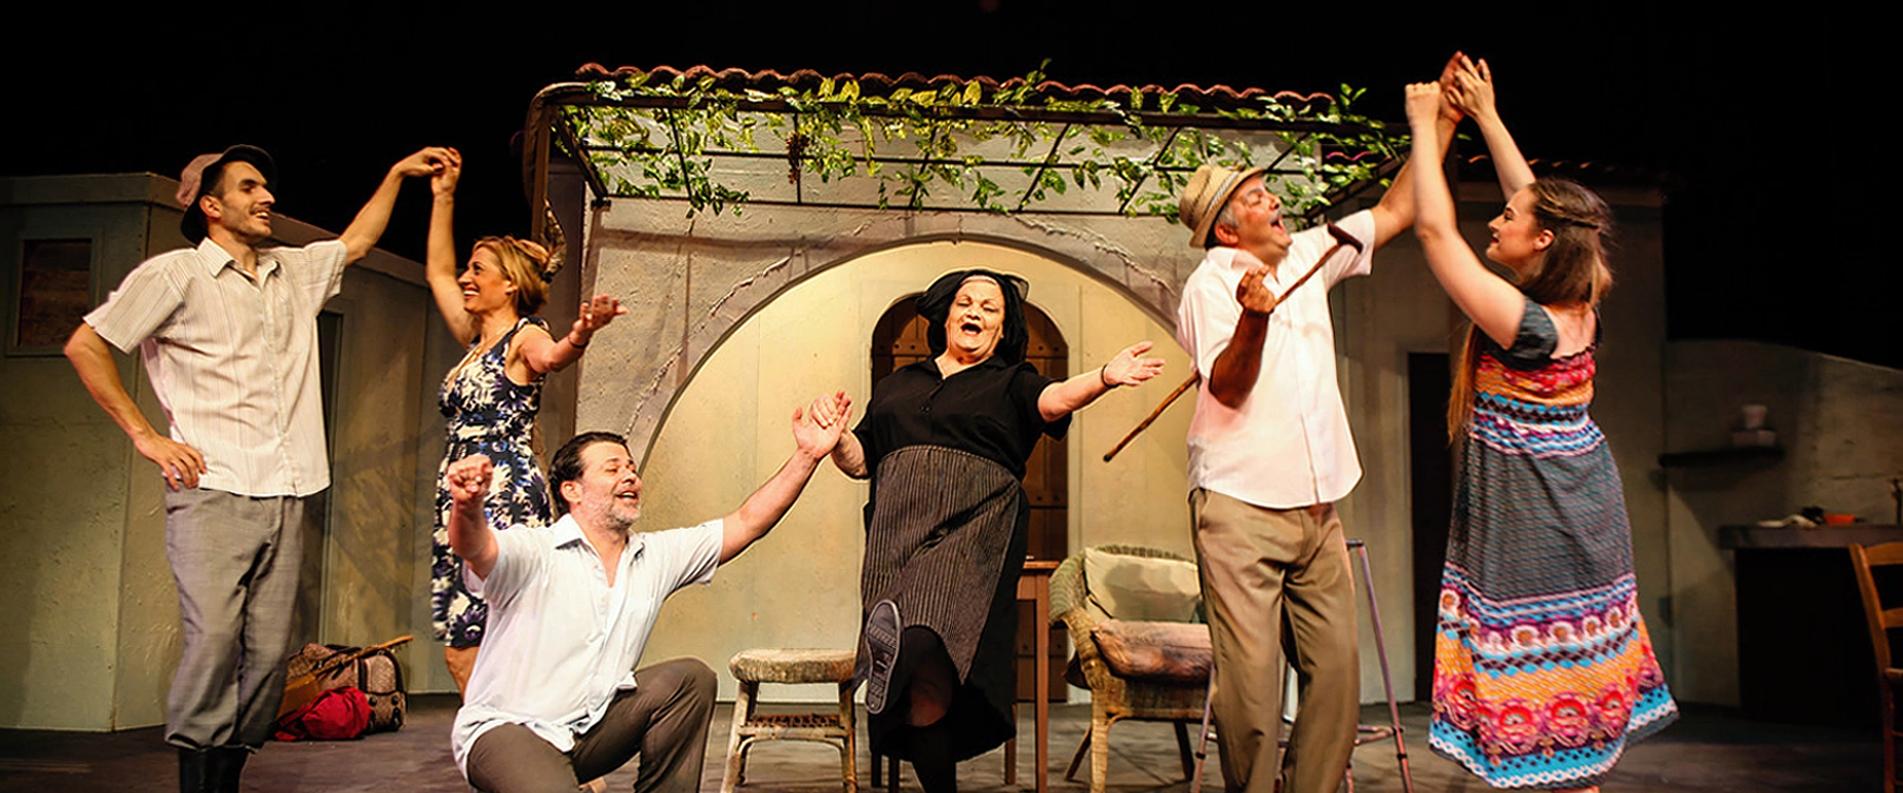 Театры на Кипре: классические и современные спектакли